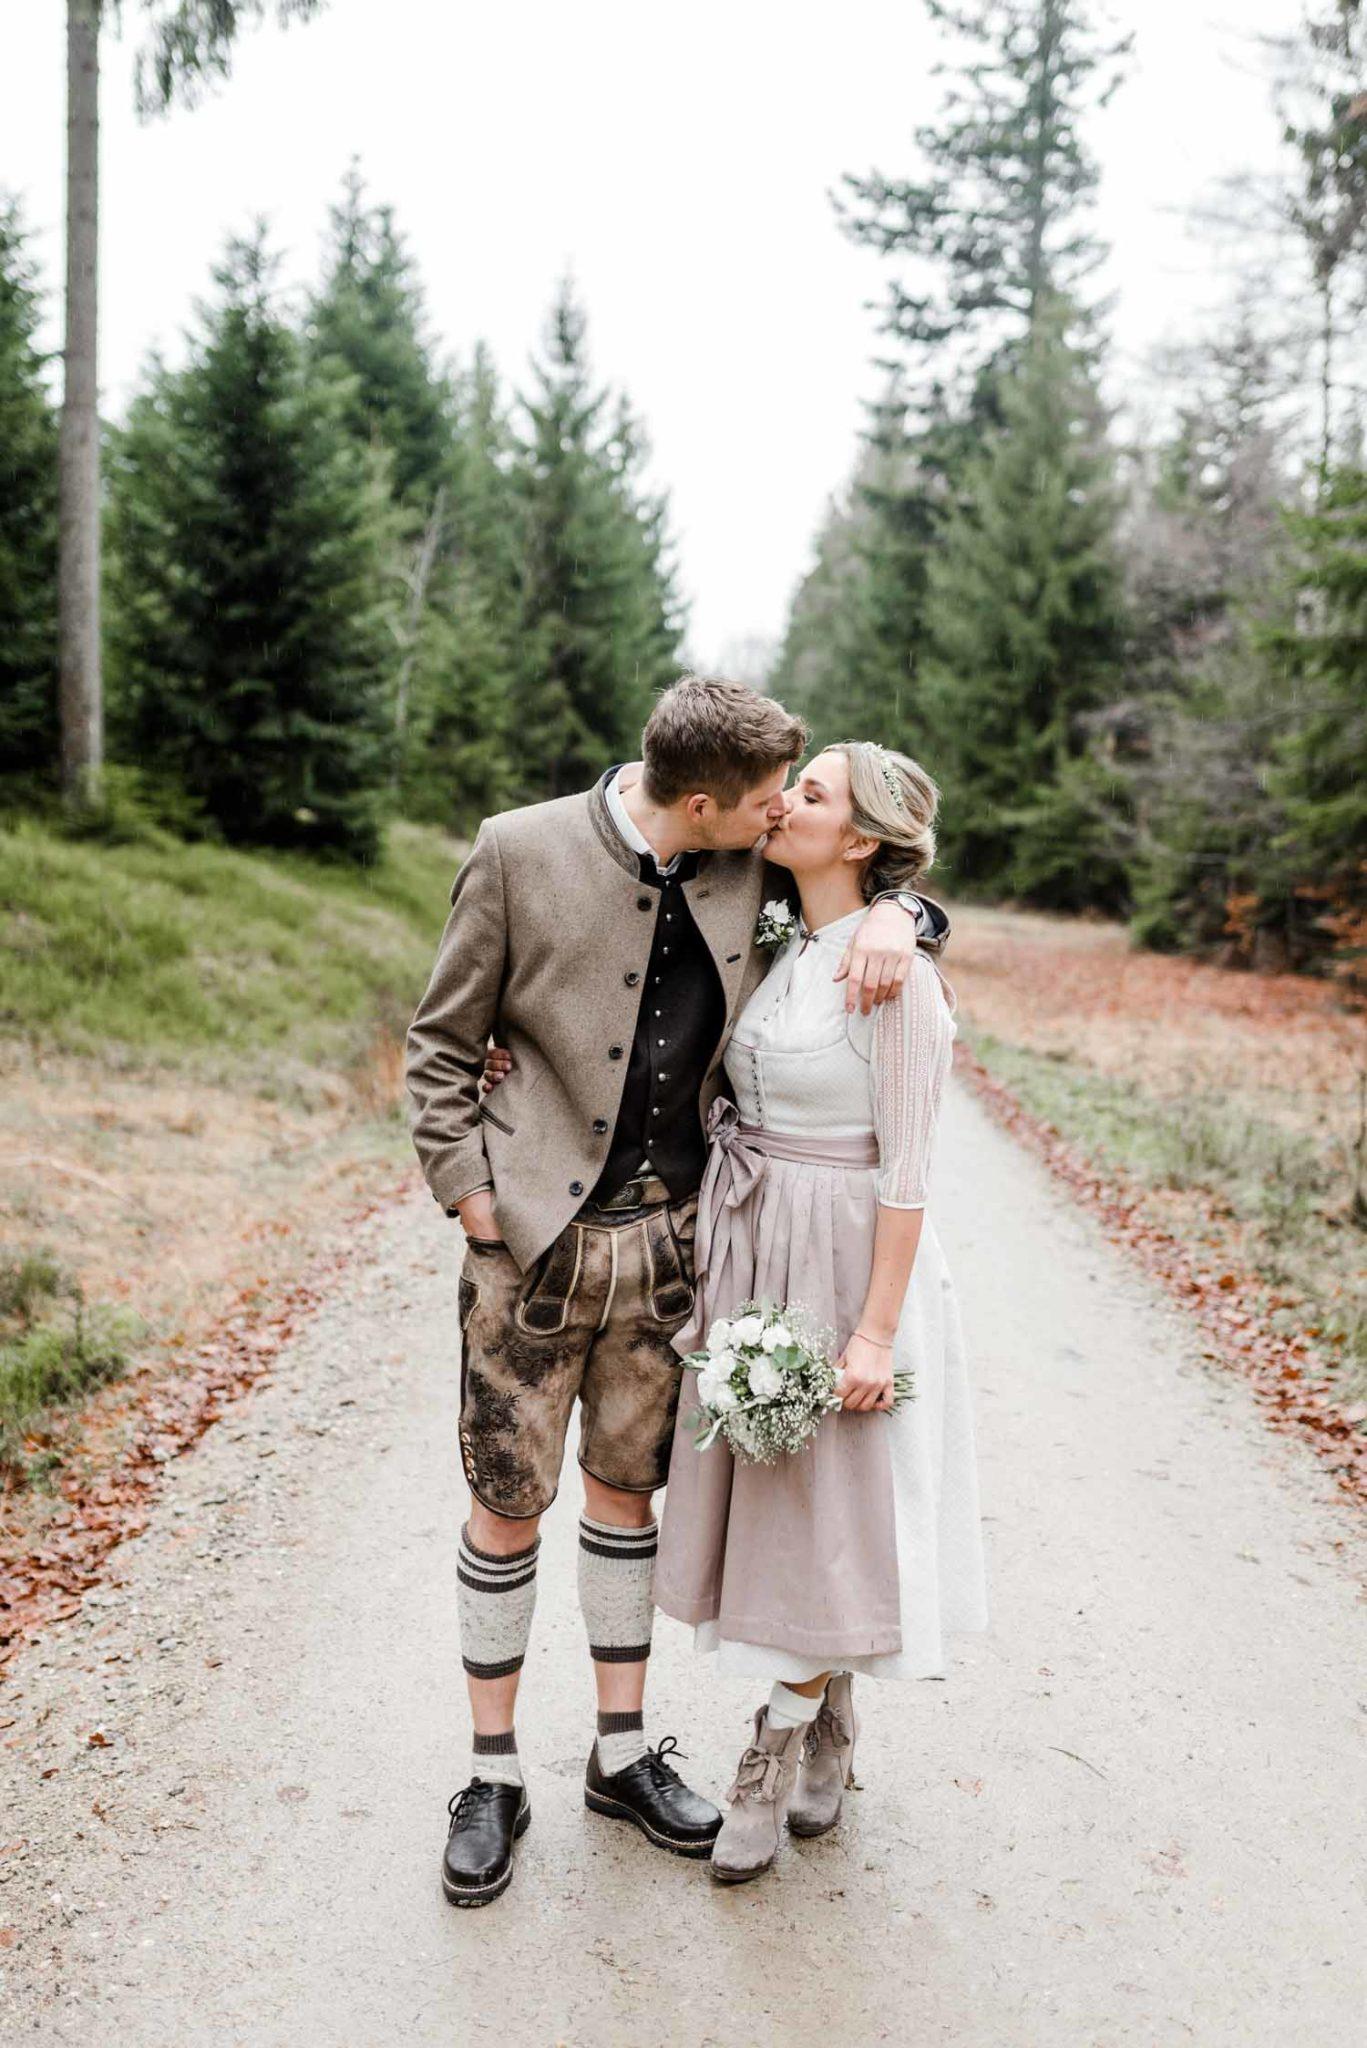 Shooting zur standesamtlichen Hochzeit im bayerischen Wald, natürliche Hochzeitsfotografie von Veronika Anna Fotografie